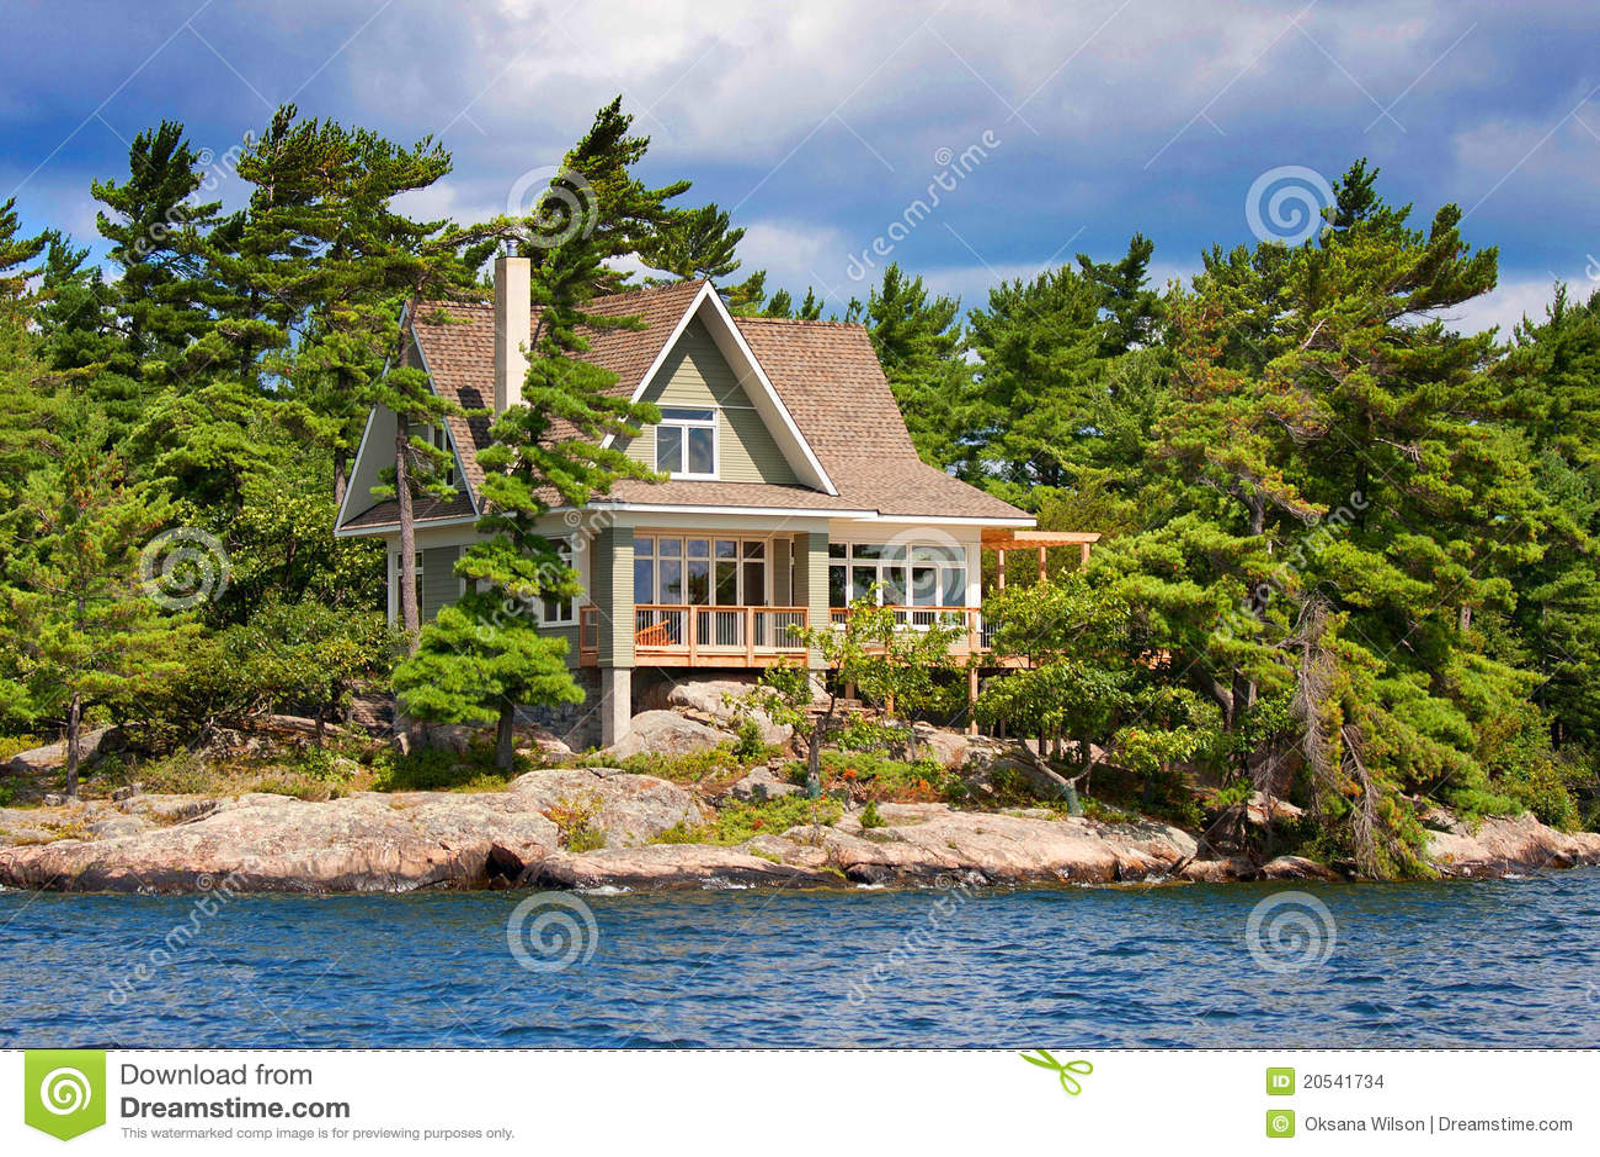 Cottage di legno sul lago immagini stock immagine 20541734 for Idee di progettazione cottage lago